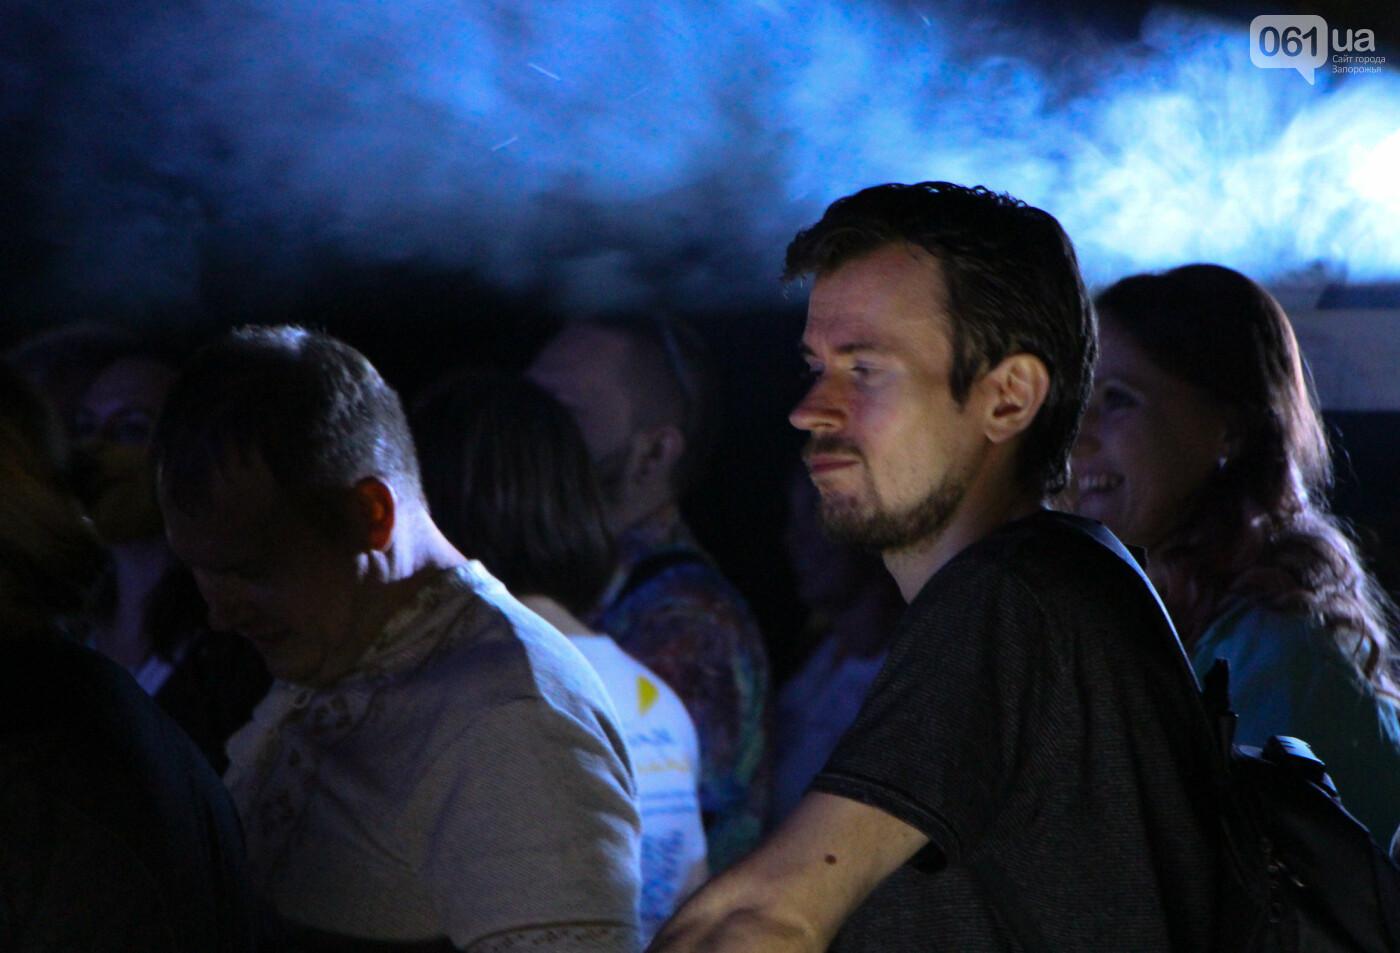 Концерт группы «Жадан і Собаки» собрал сотни запорожцев: как это было, - ФОТОРЕПОРТАЖ, фото-29